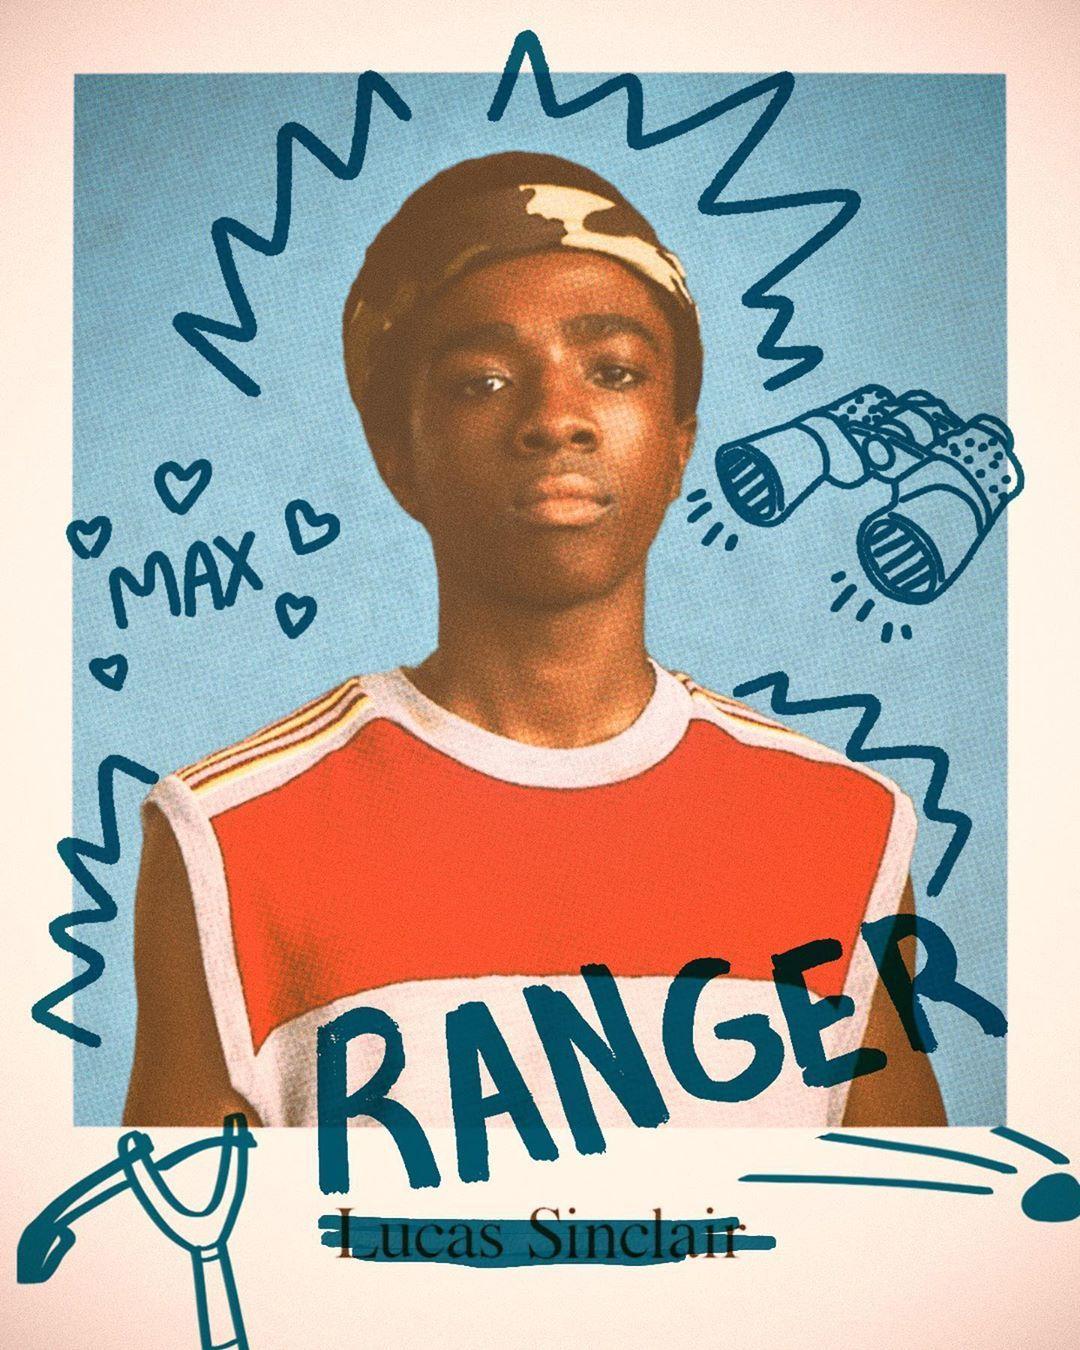 Stranger Things conta a história de Will, um garoto de 12 anos, desaparece em Montauk, Long Island. Enquanto a polícia, família e amigos procuram respostas, eles mergulham em um extraordinário mistério, envolvendo um experimento secreto do governo, forças sobrenaturais e uma garotinha. #StrangerThings #Netflix #will #eleven #dustin #lucas #mike